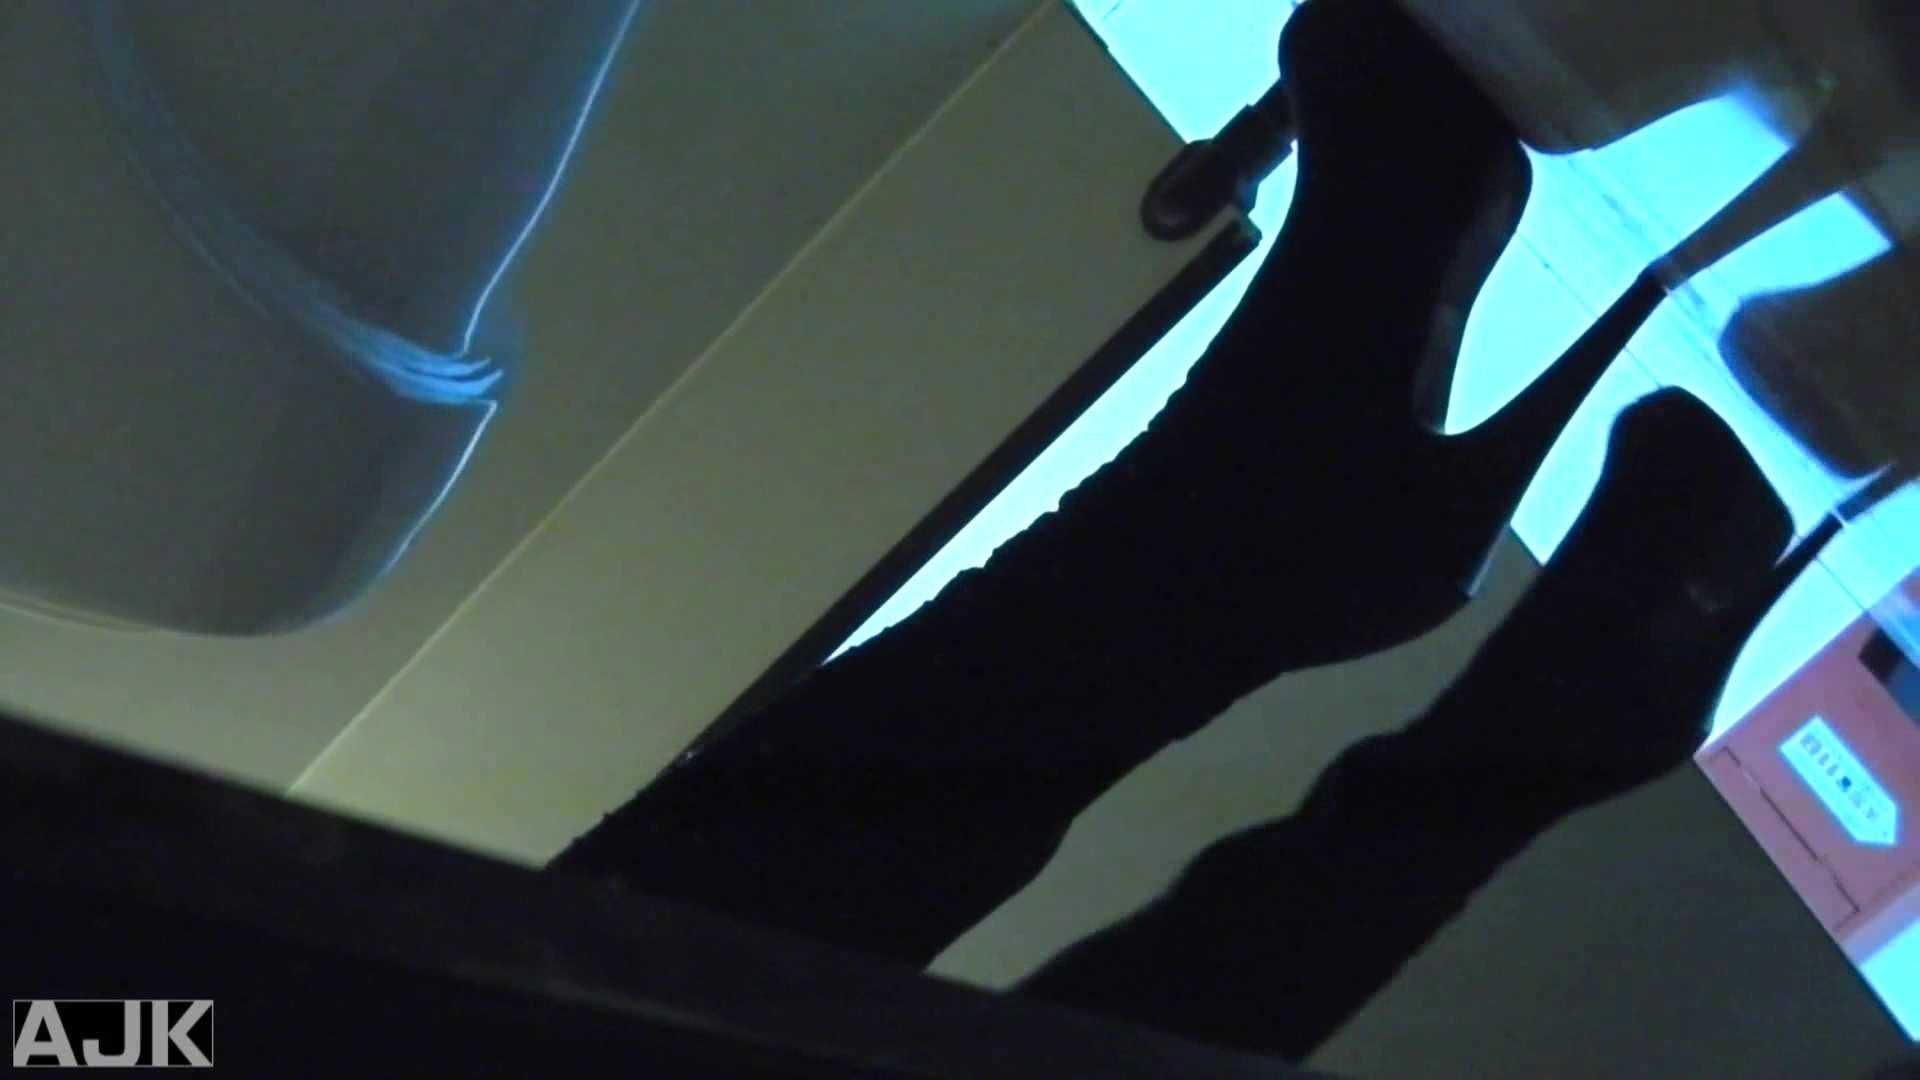 神降臨!史上最強の潜入かわや! vol.22 盗撮シリーズ おめこ無修正動画無料 112PIX 74